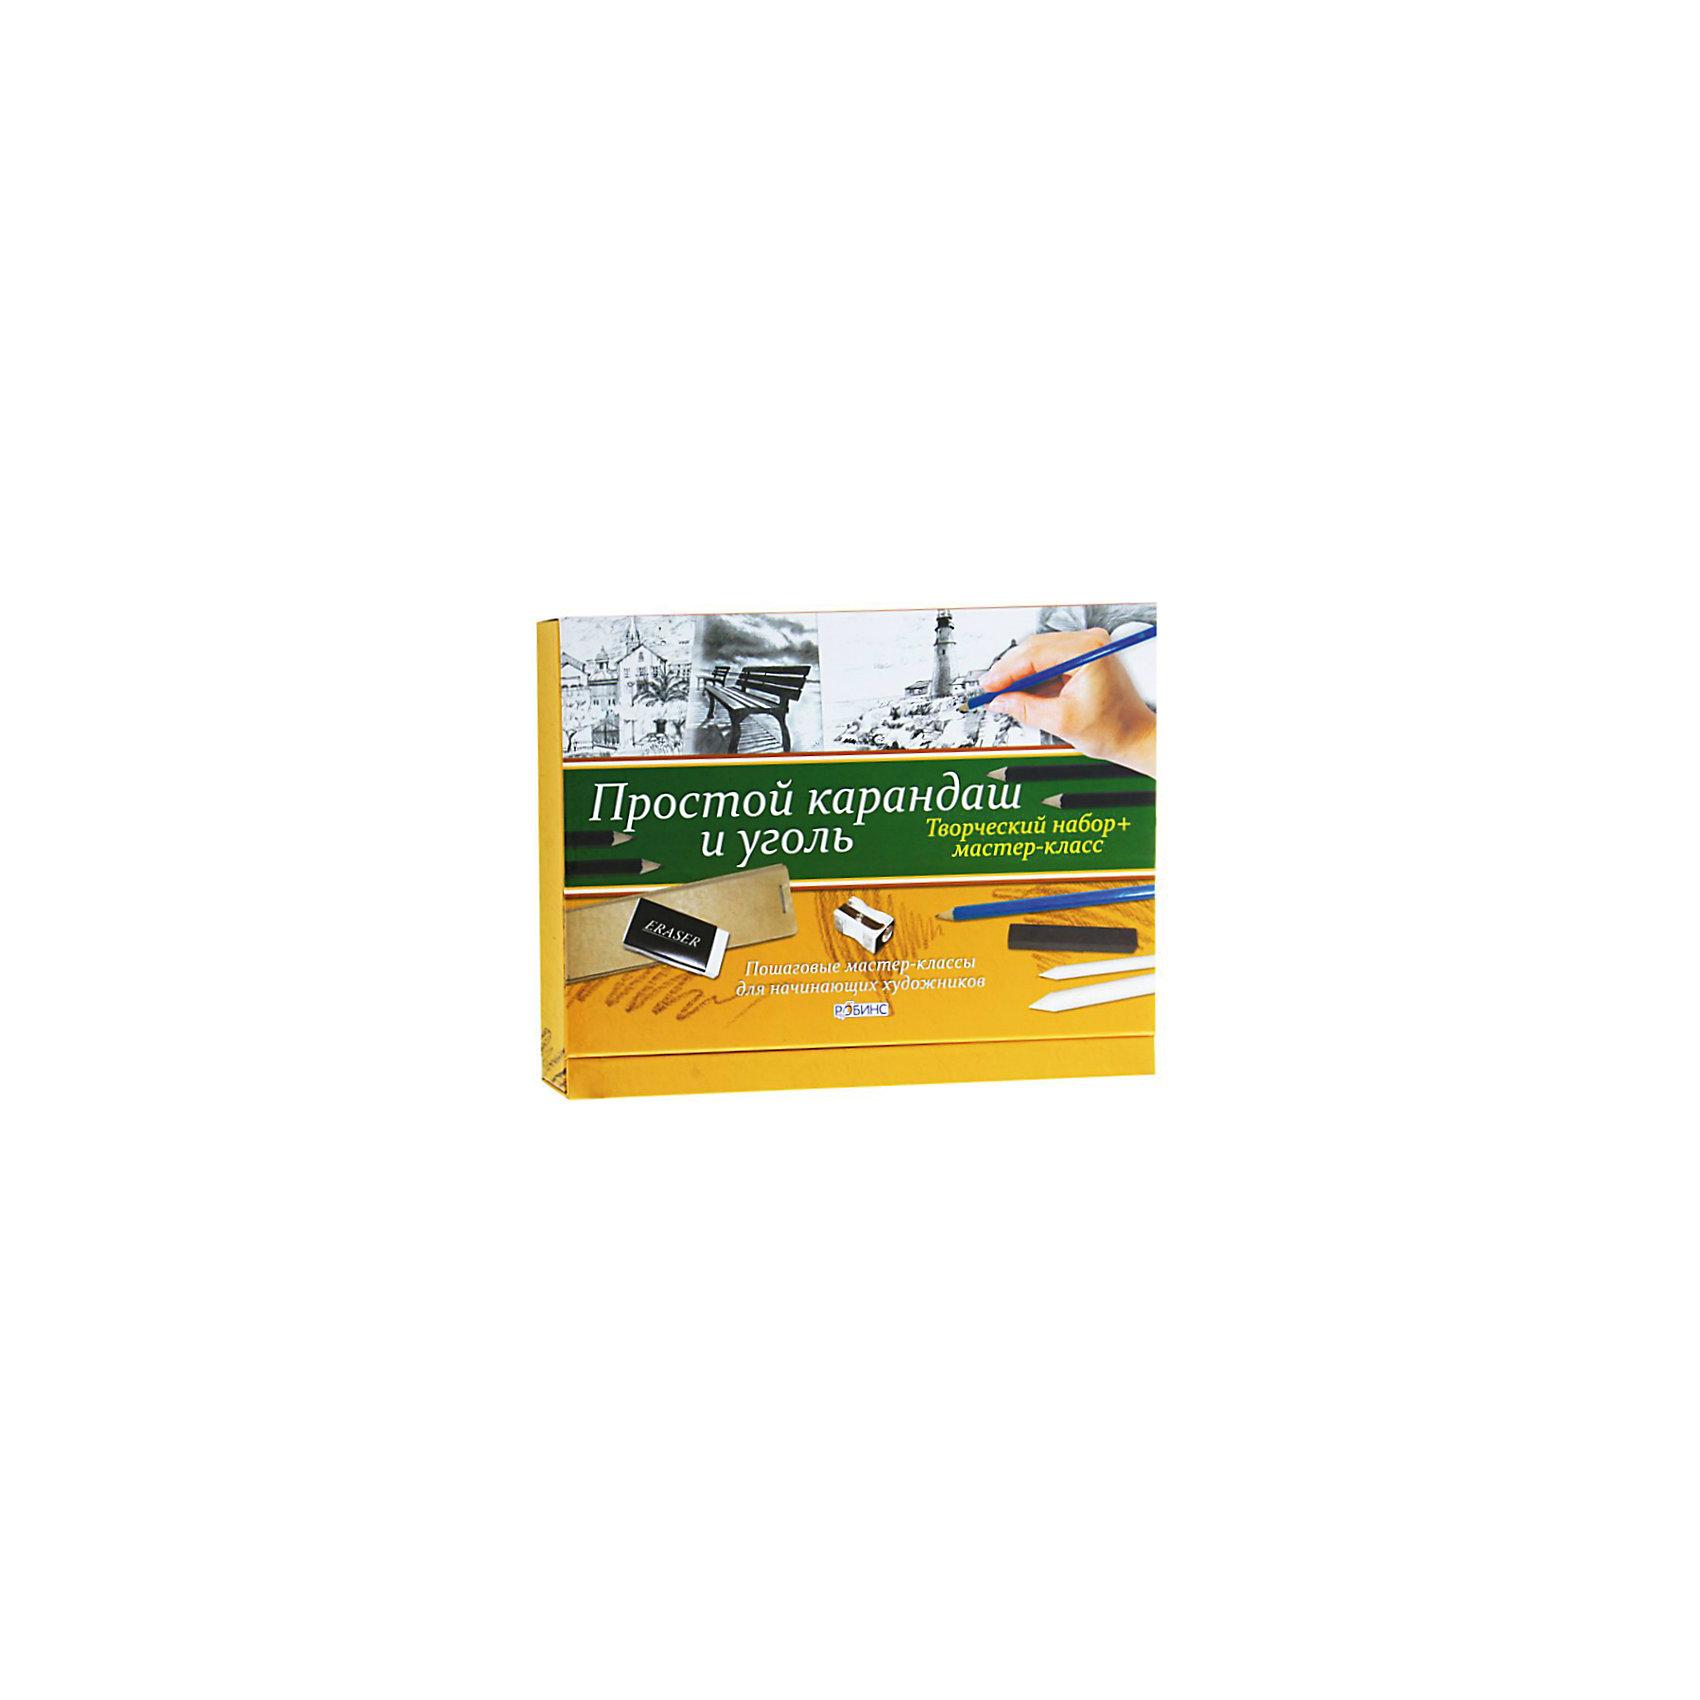 Простой карандаш и угольПринадлежности для творчества<br>Набор для детского творчества Простой карандаш и уголь. Творческий набор и мастер-класс - это уникальный набор, который содержит в себе всё самое необходимое для для начинающего художника: материалы для работы, необходимые инструменты, пошаговые инструкции и место для работы! Удобная коробка-трансформер, пошаговые инструкции и мастер-классы.<br><br>Ширина мм: 320<br>Глубина мм: 245<br>Высота мм: 50<br>Вес г: 320<br>Возраст от месяцев: 72<br>Возраст до месяцев: 108<br>Пол: Унисекс<br>Возраст: Детский<br>SKU: 5034157